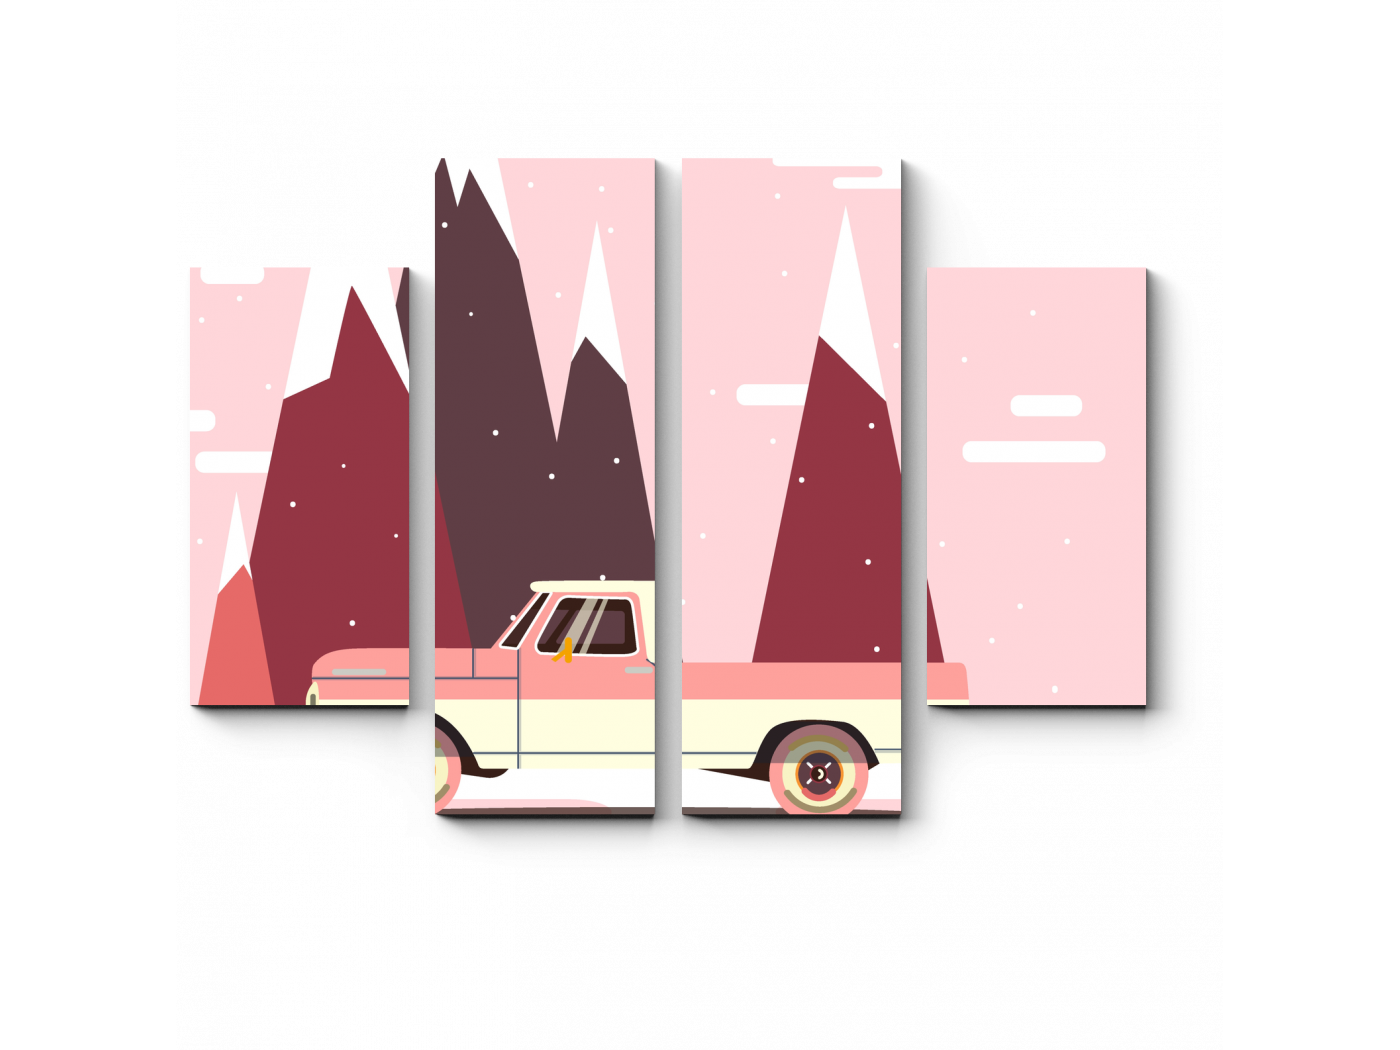 Модульная картина Ретро авто для путешествий (80x60) фото